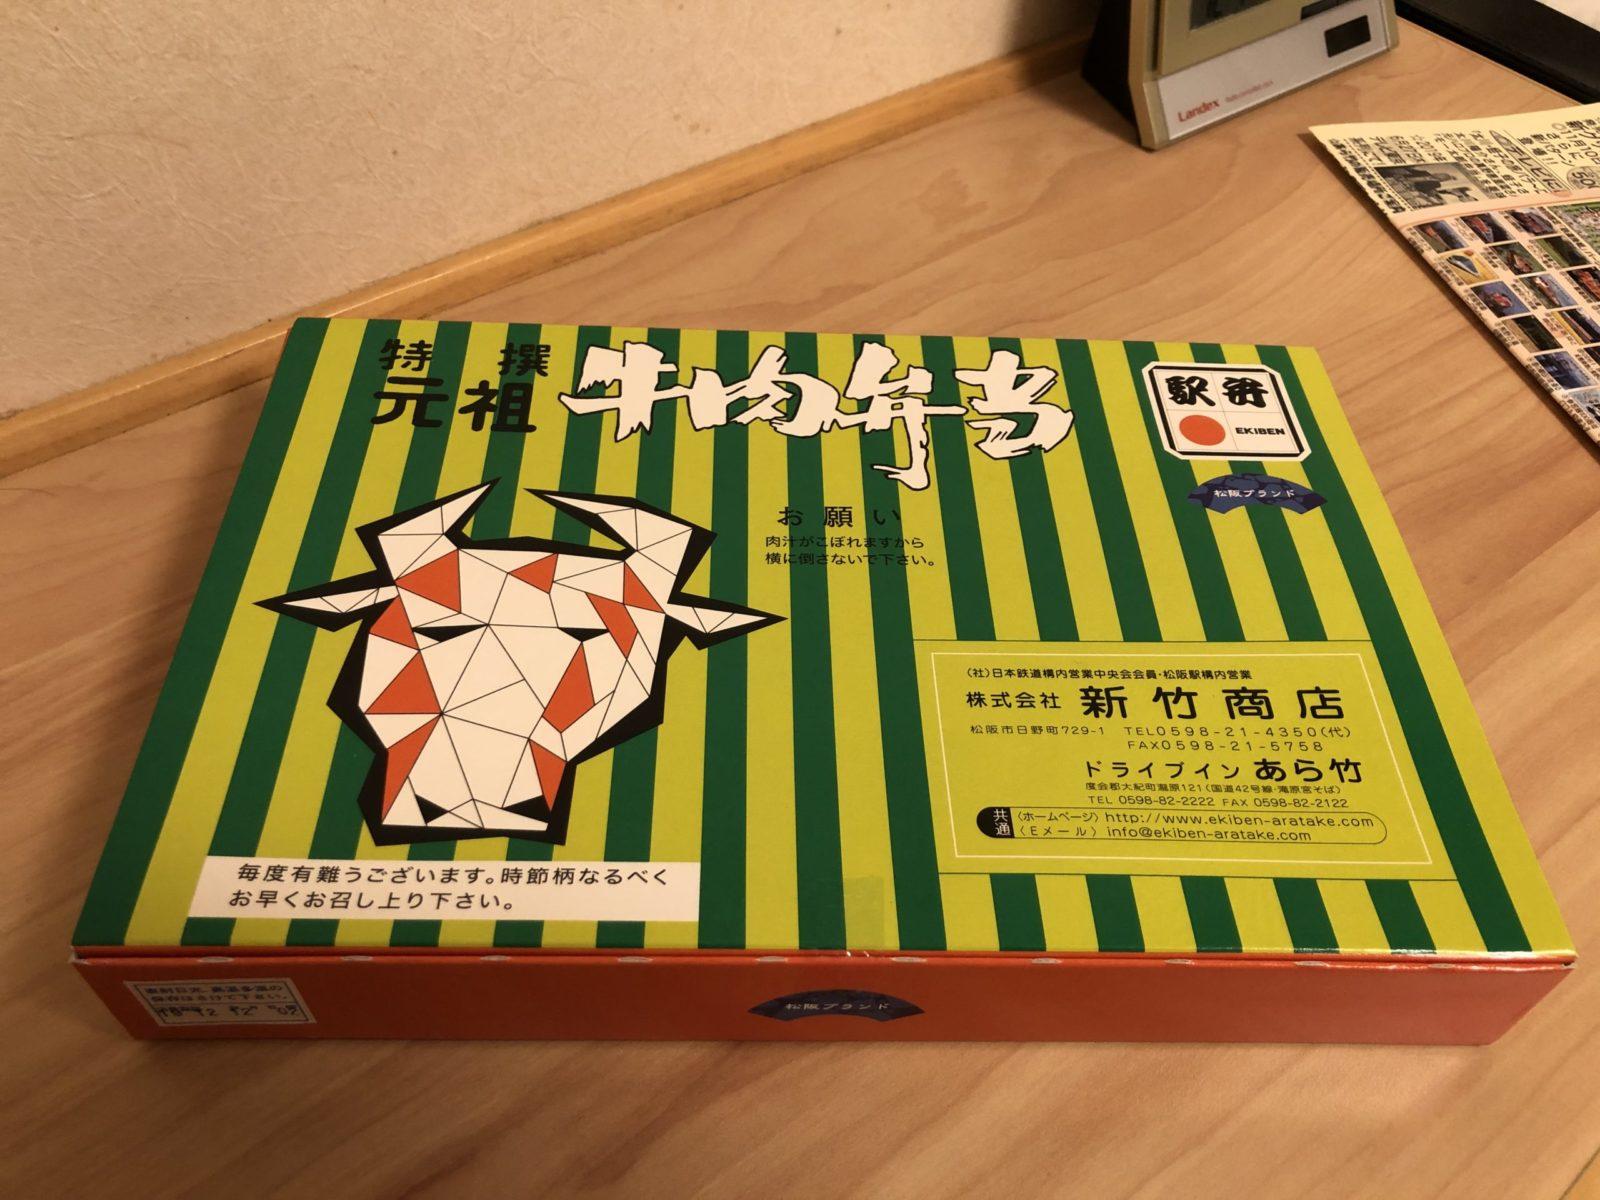 テツの食卓104 松阪牛めし(名古屋駅)&元祖特選牛肉弁当(松阪駅)